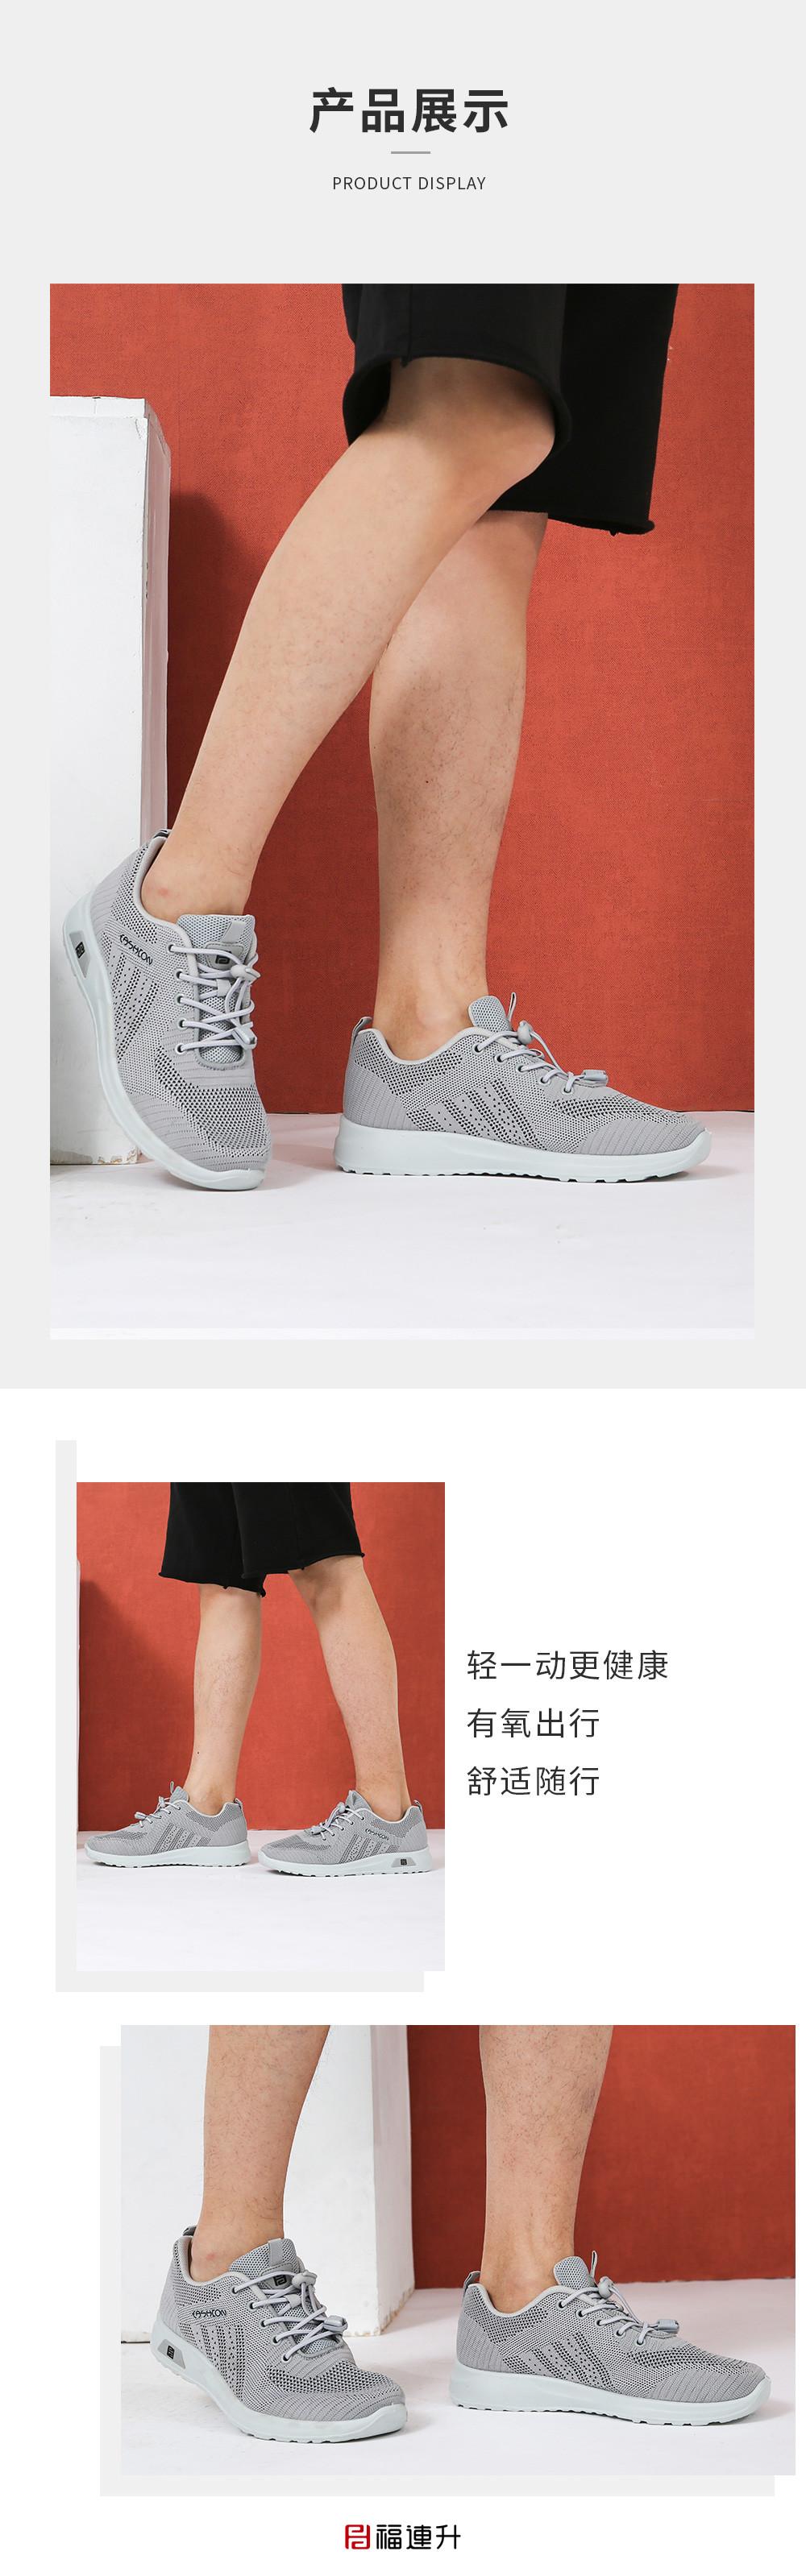 福连升夏运动休闲透气轻便男士运动鞋网鞋图片